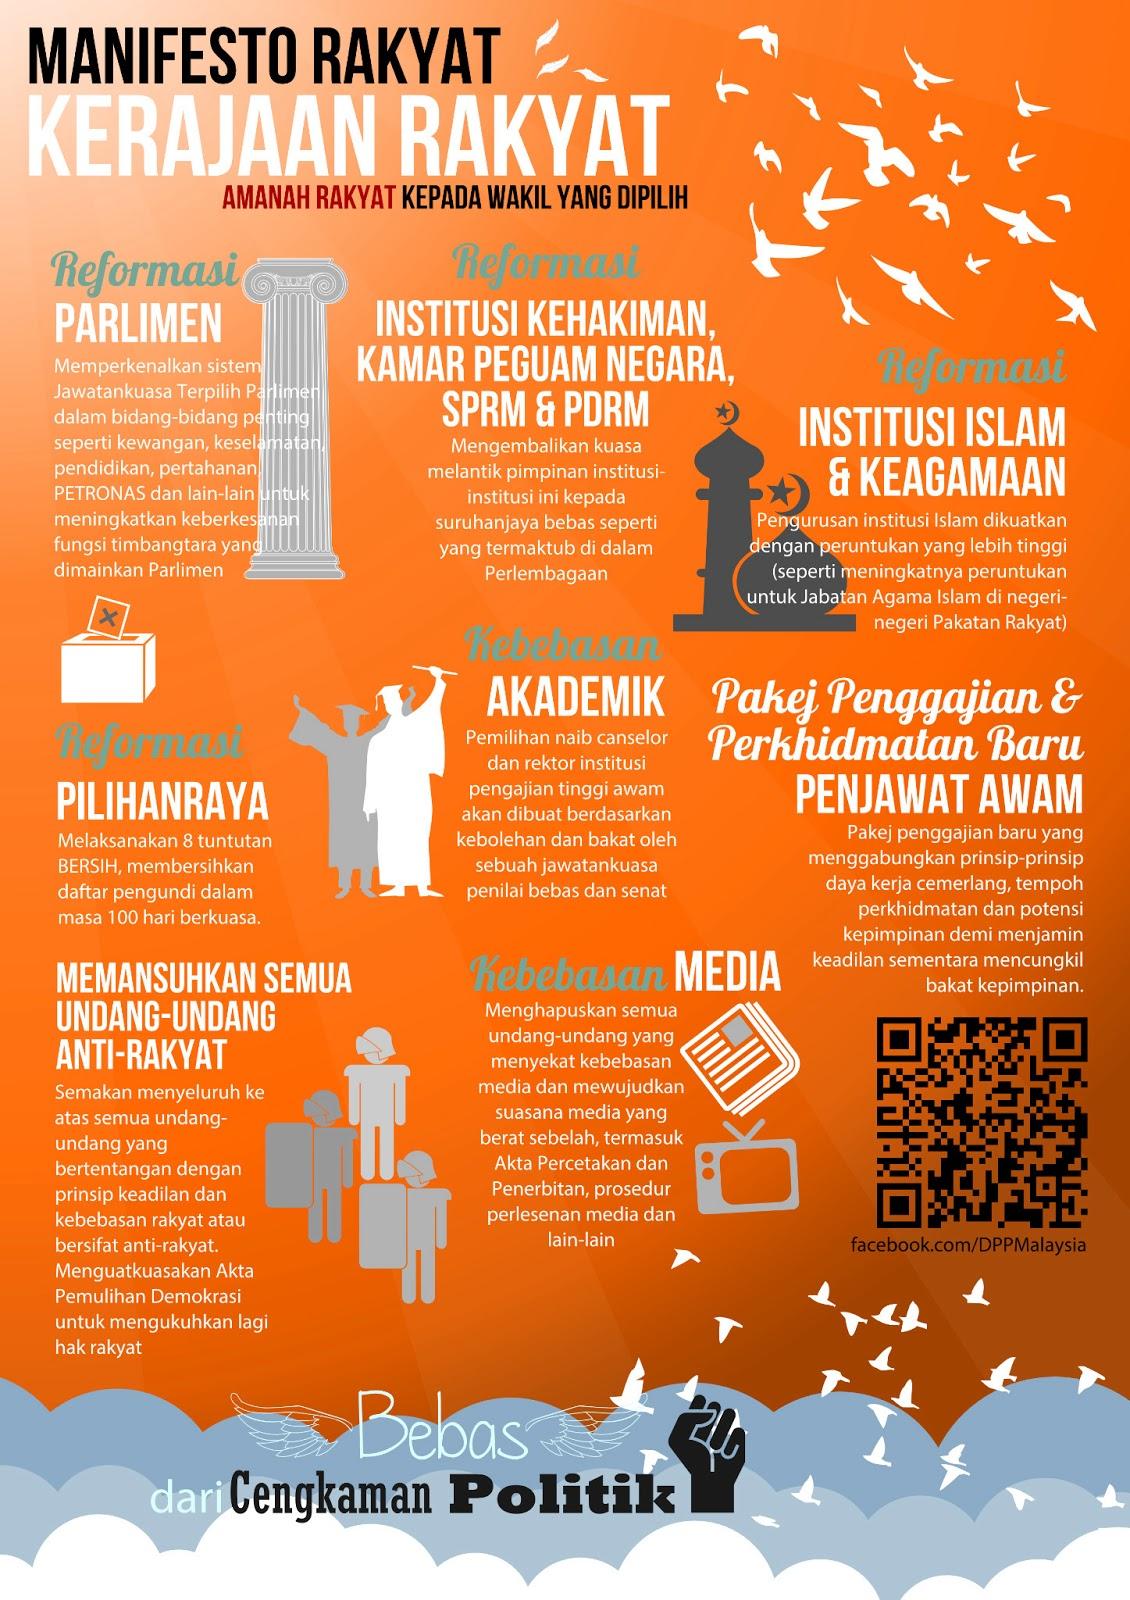 PAKATAN RAKYAT MANIFESTO PDF DOWNLOAD